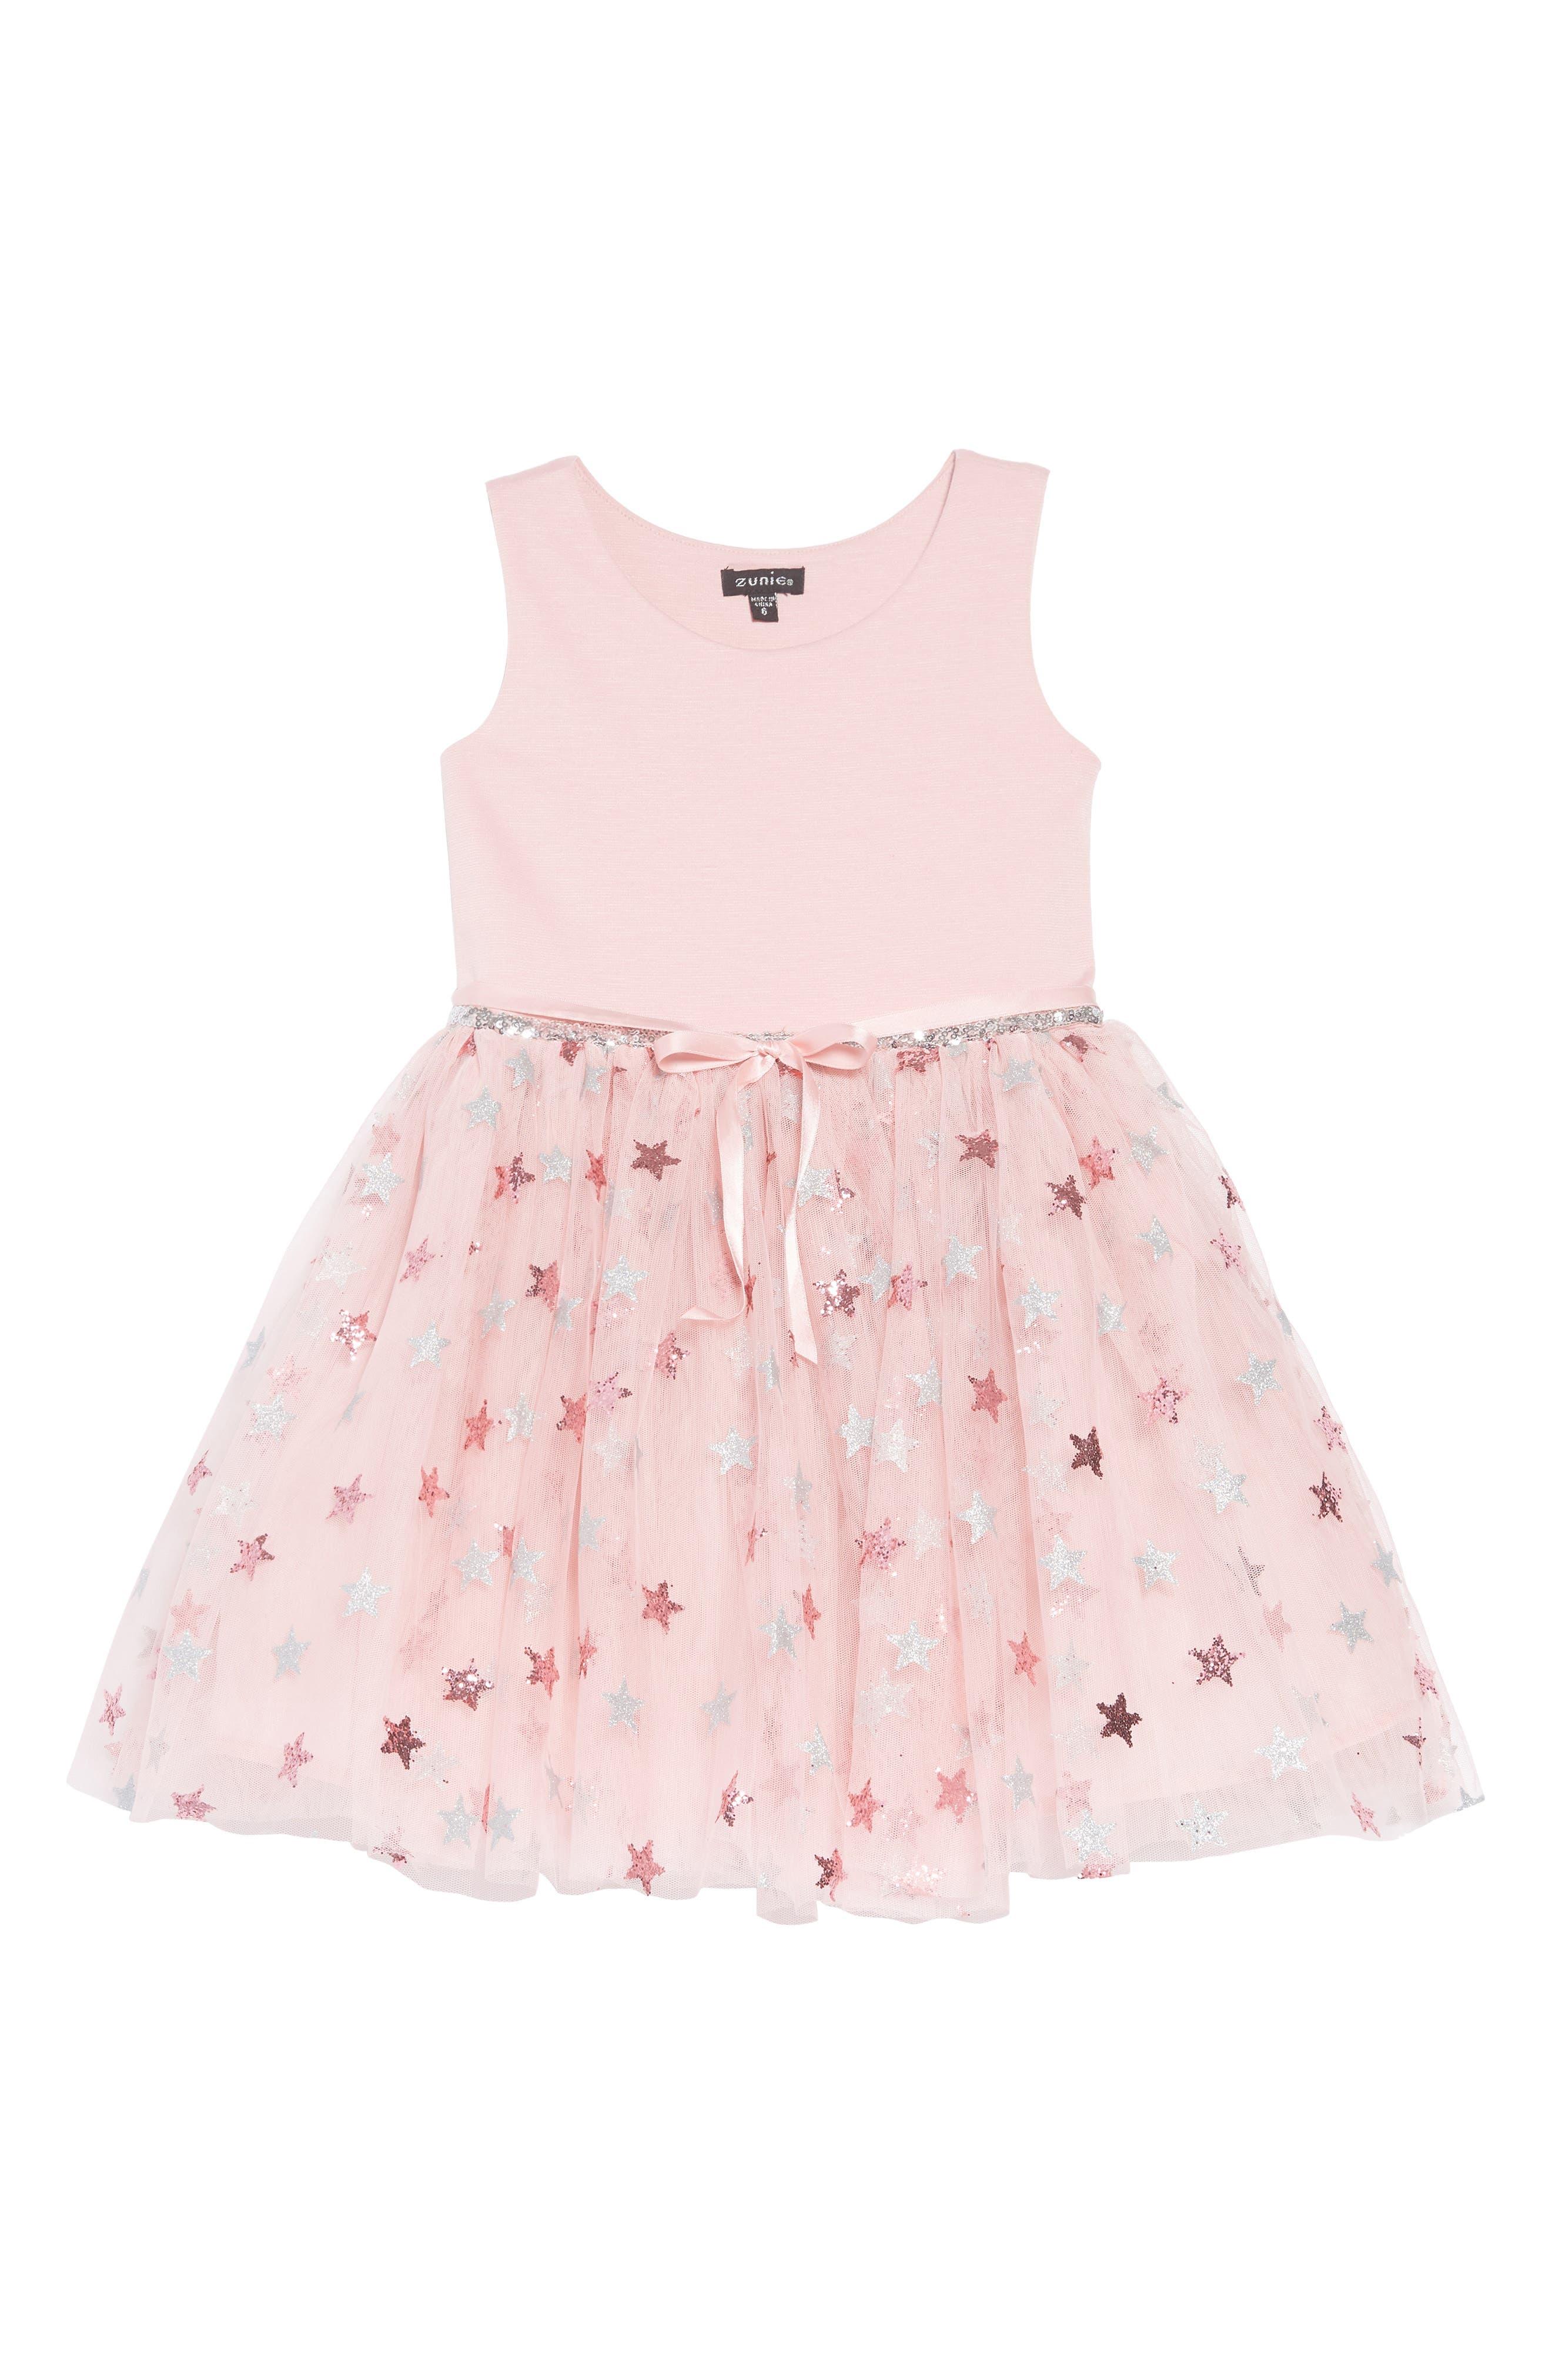 Toddler Girls Dress